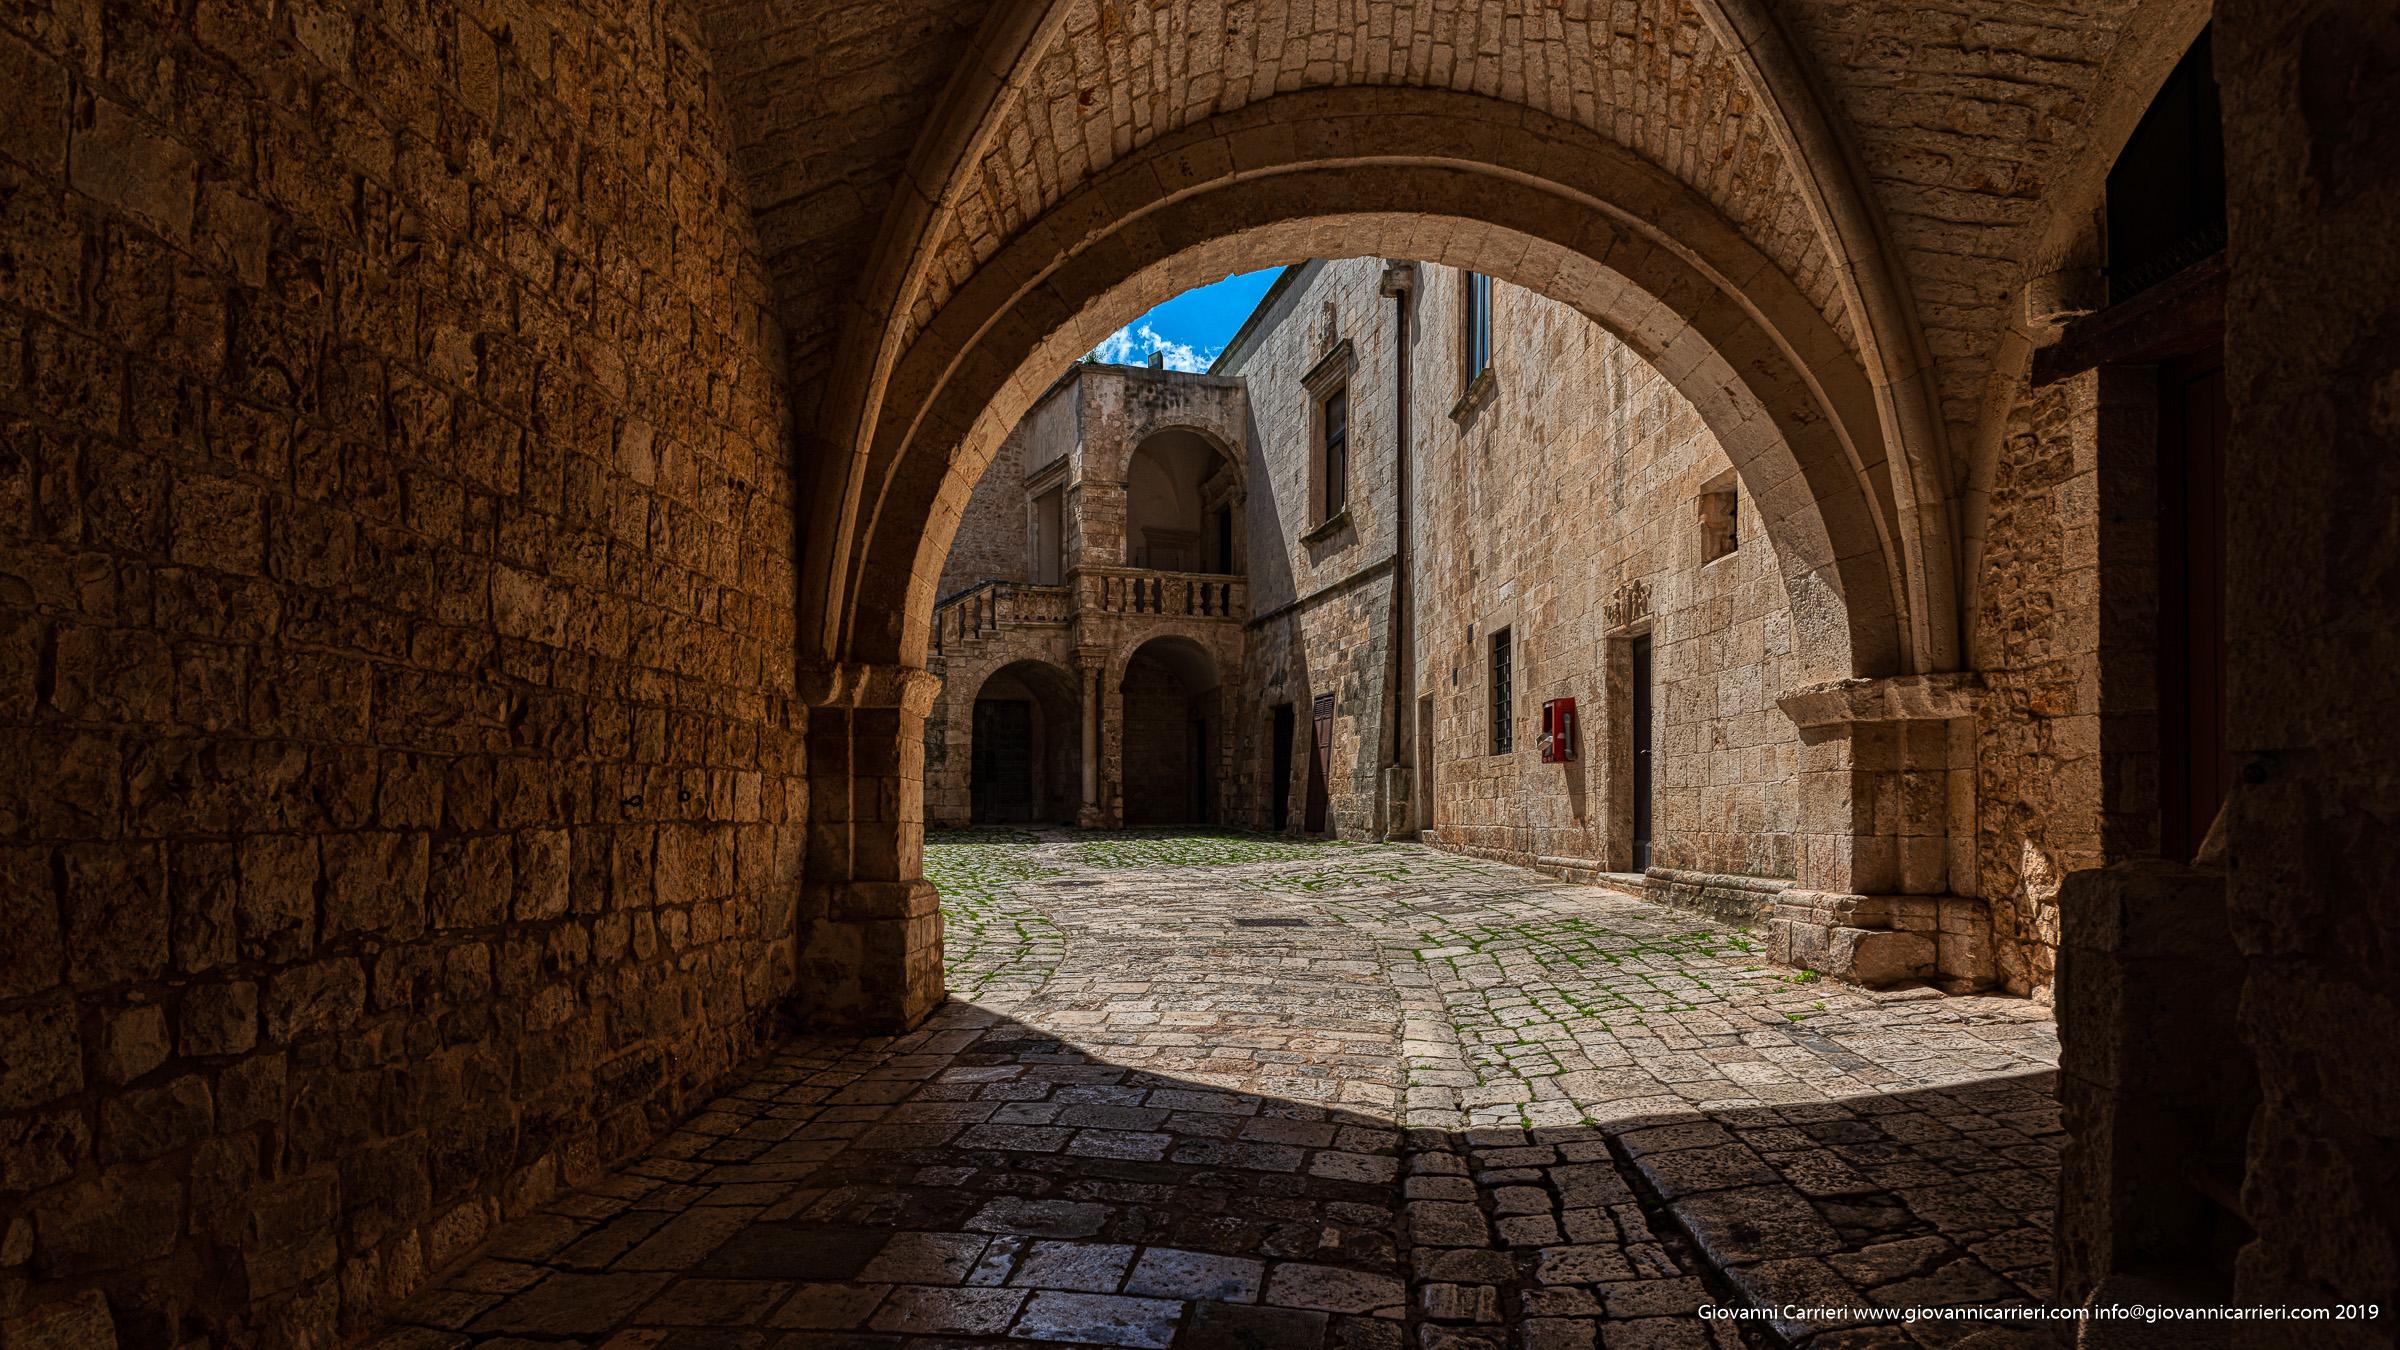 L'ingresso del Castello Ducale